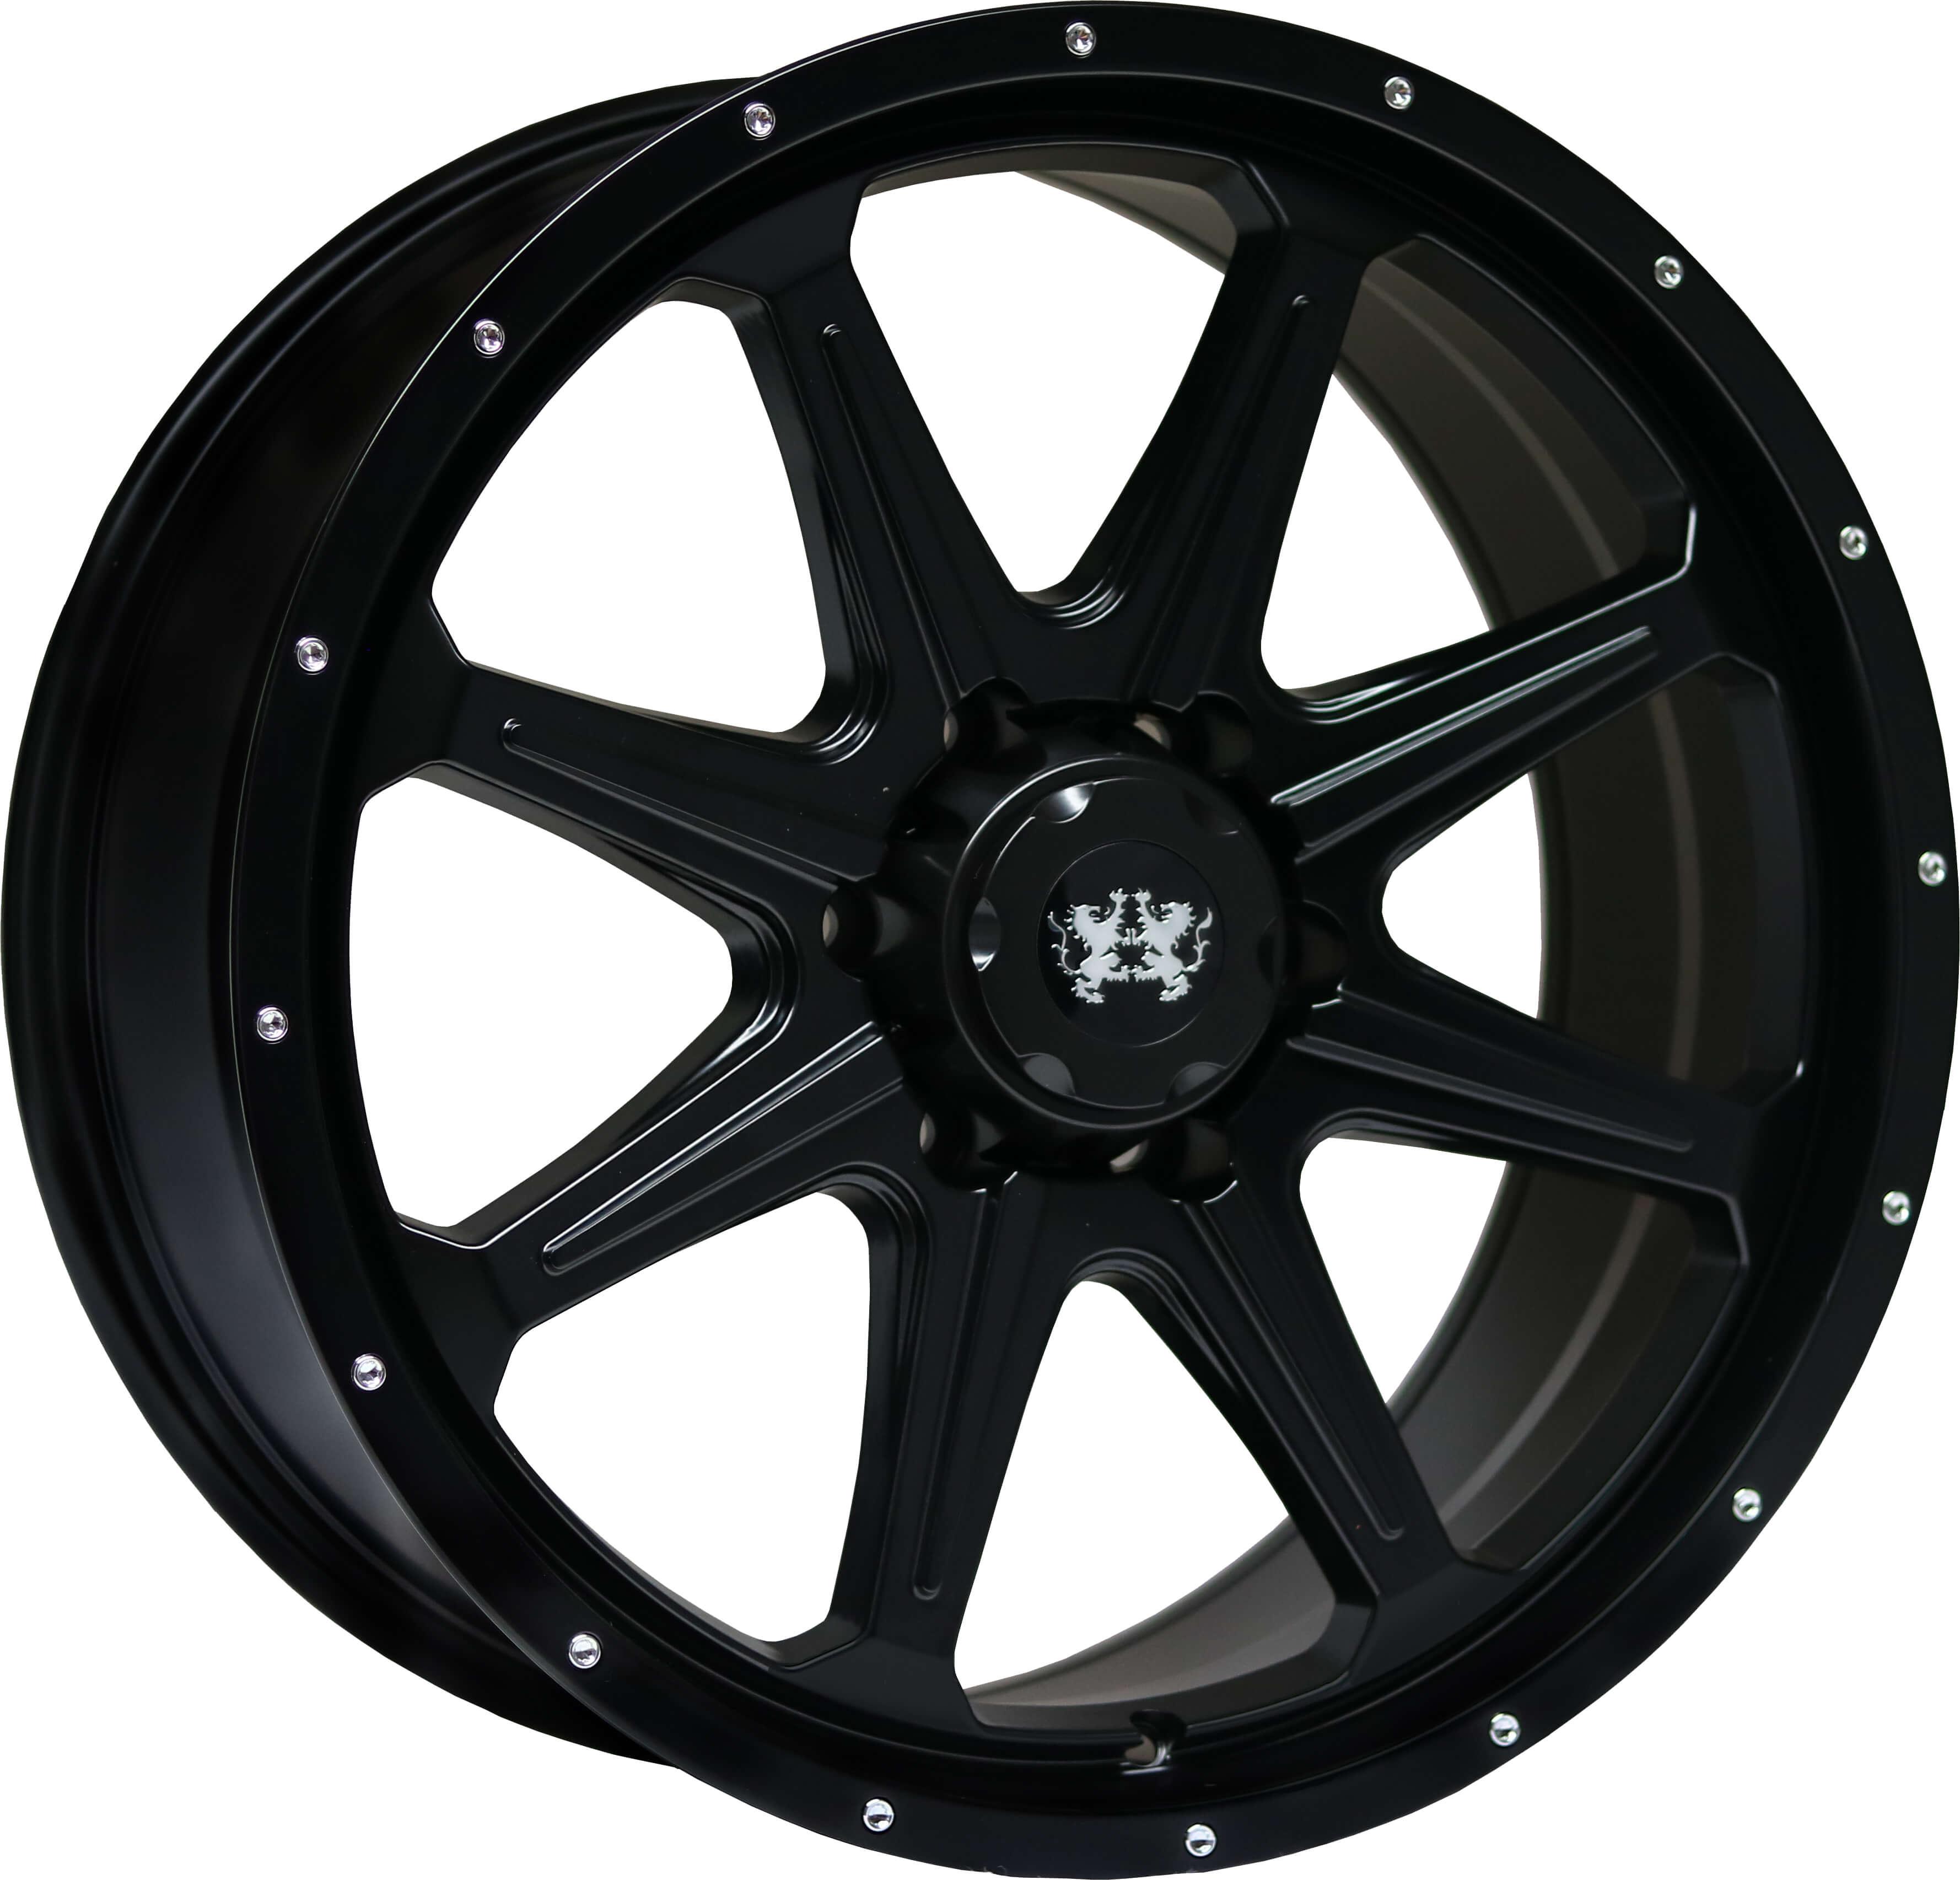 Lionhart - LH2 (Satin Black)